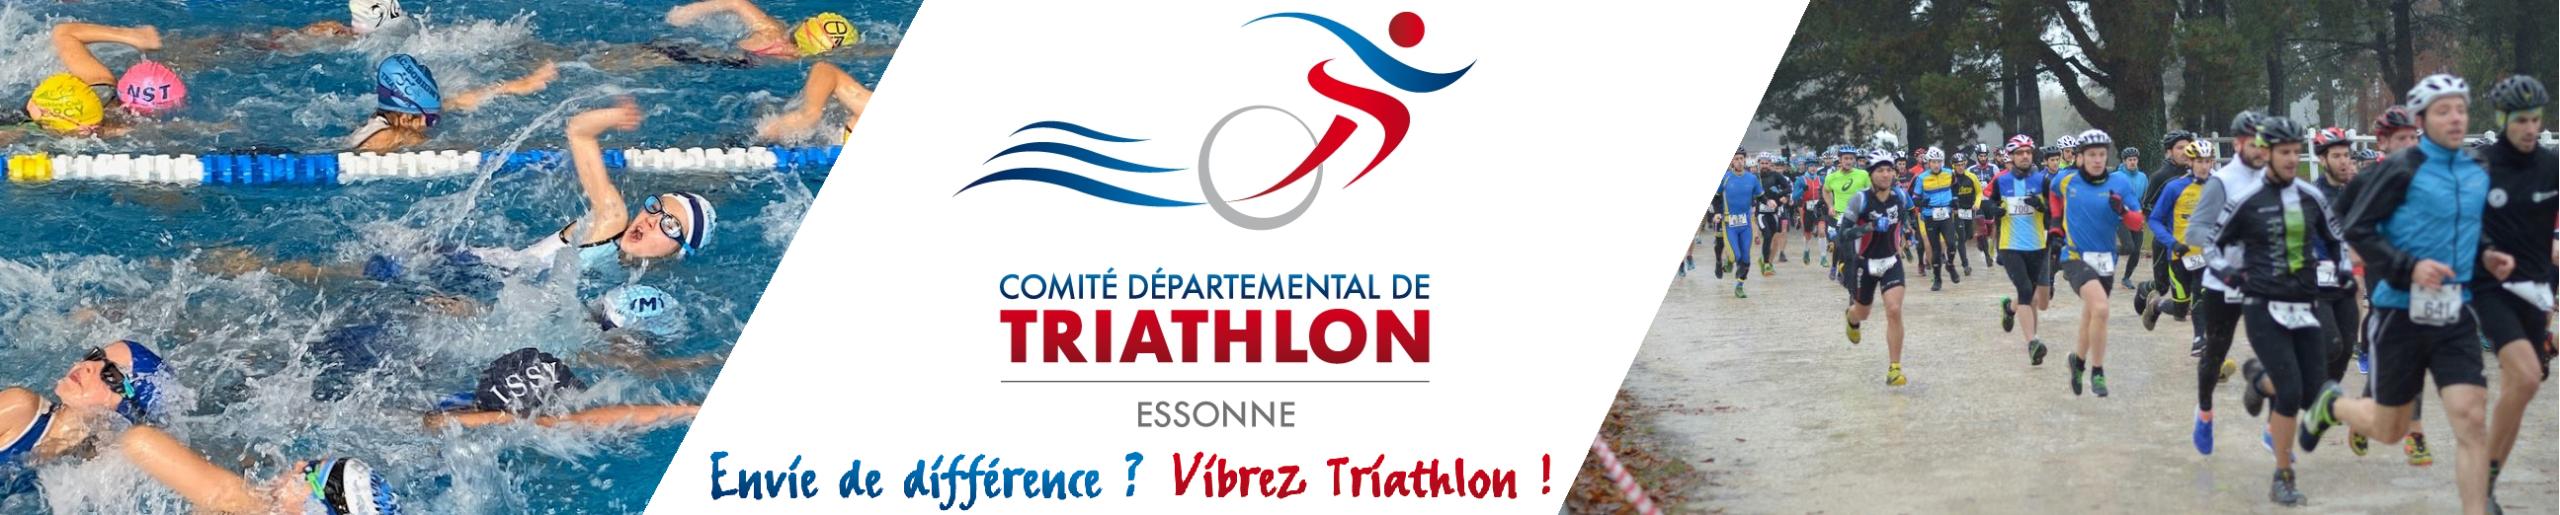 Comité Départemental de Triathlon de l'Essonne